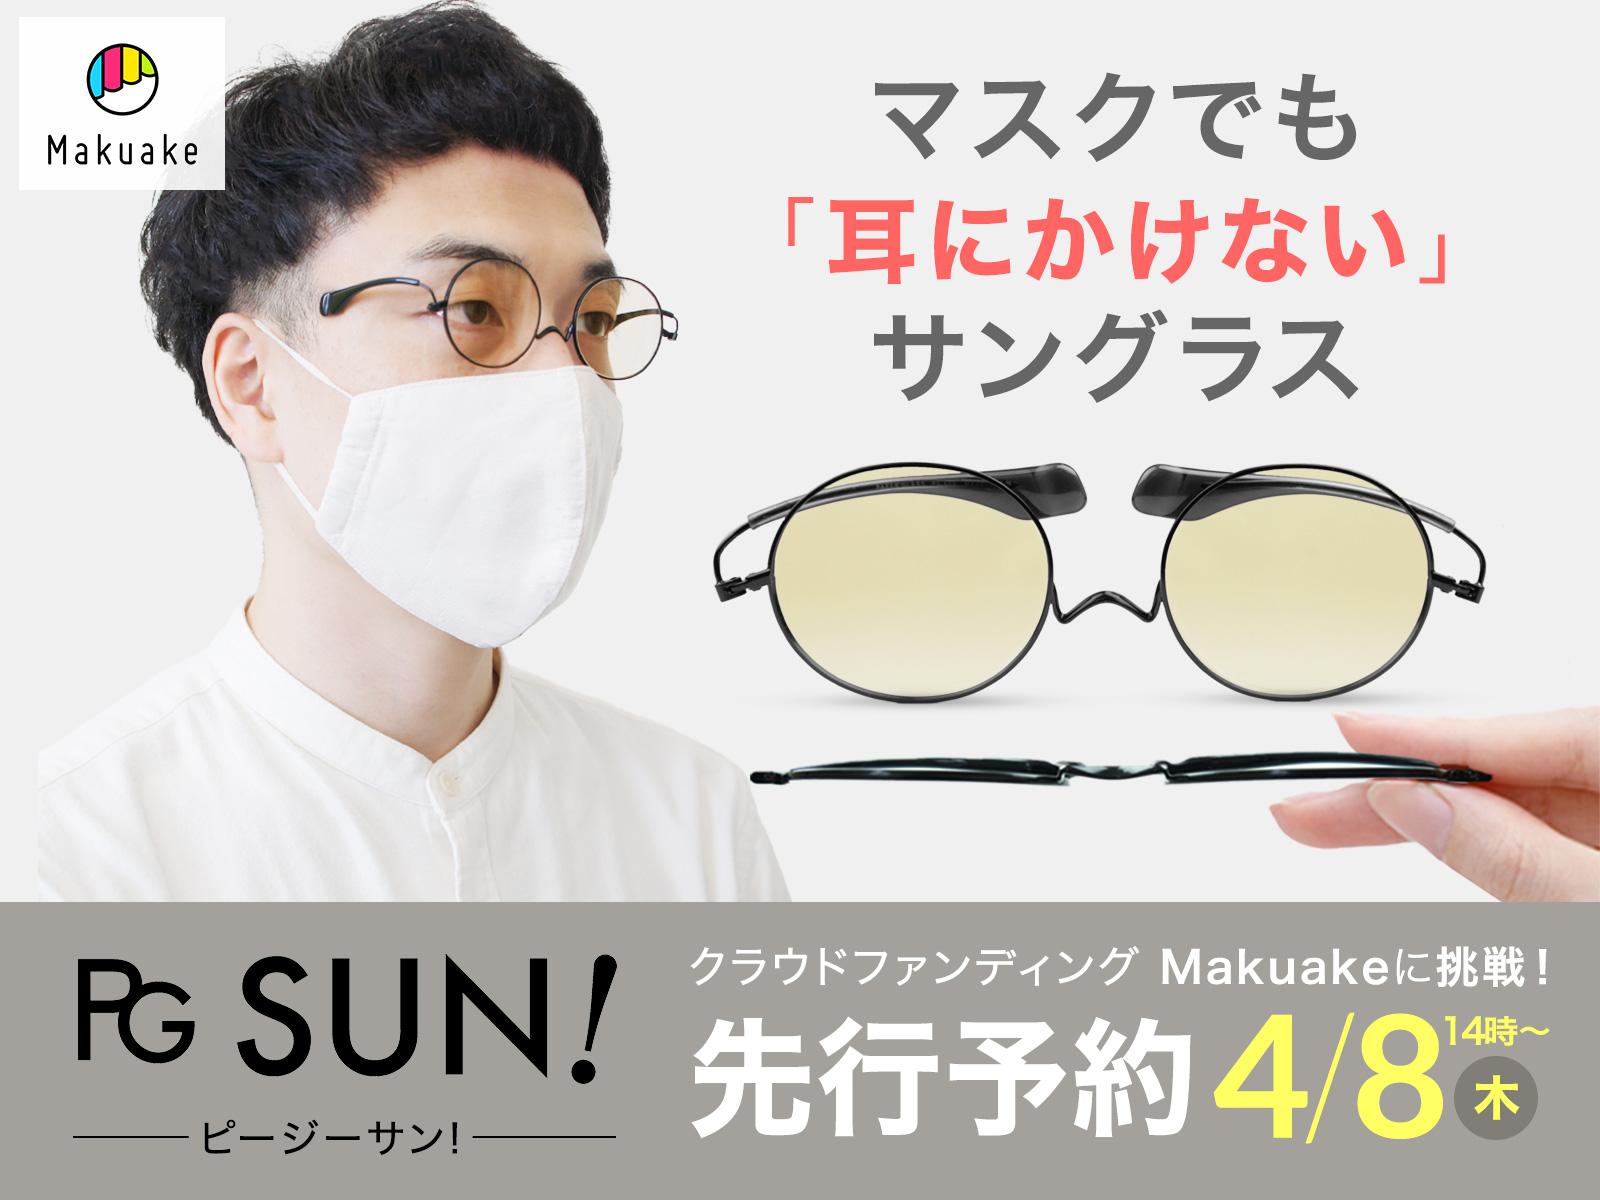 マクアケ 耳にかけないペーパーグラスのサングラス「PGSUN!」